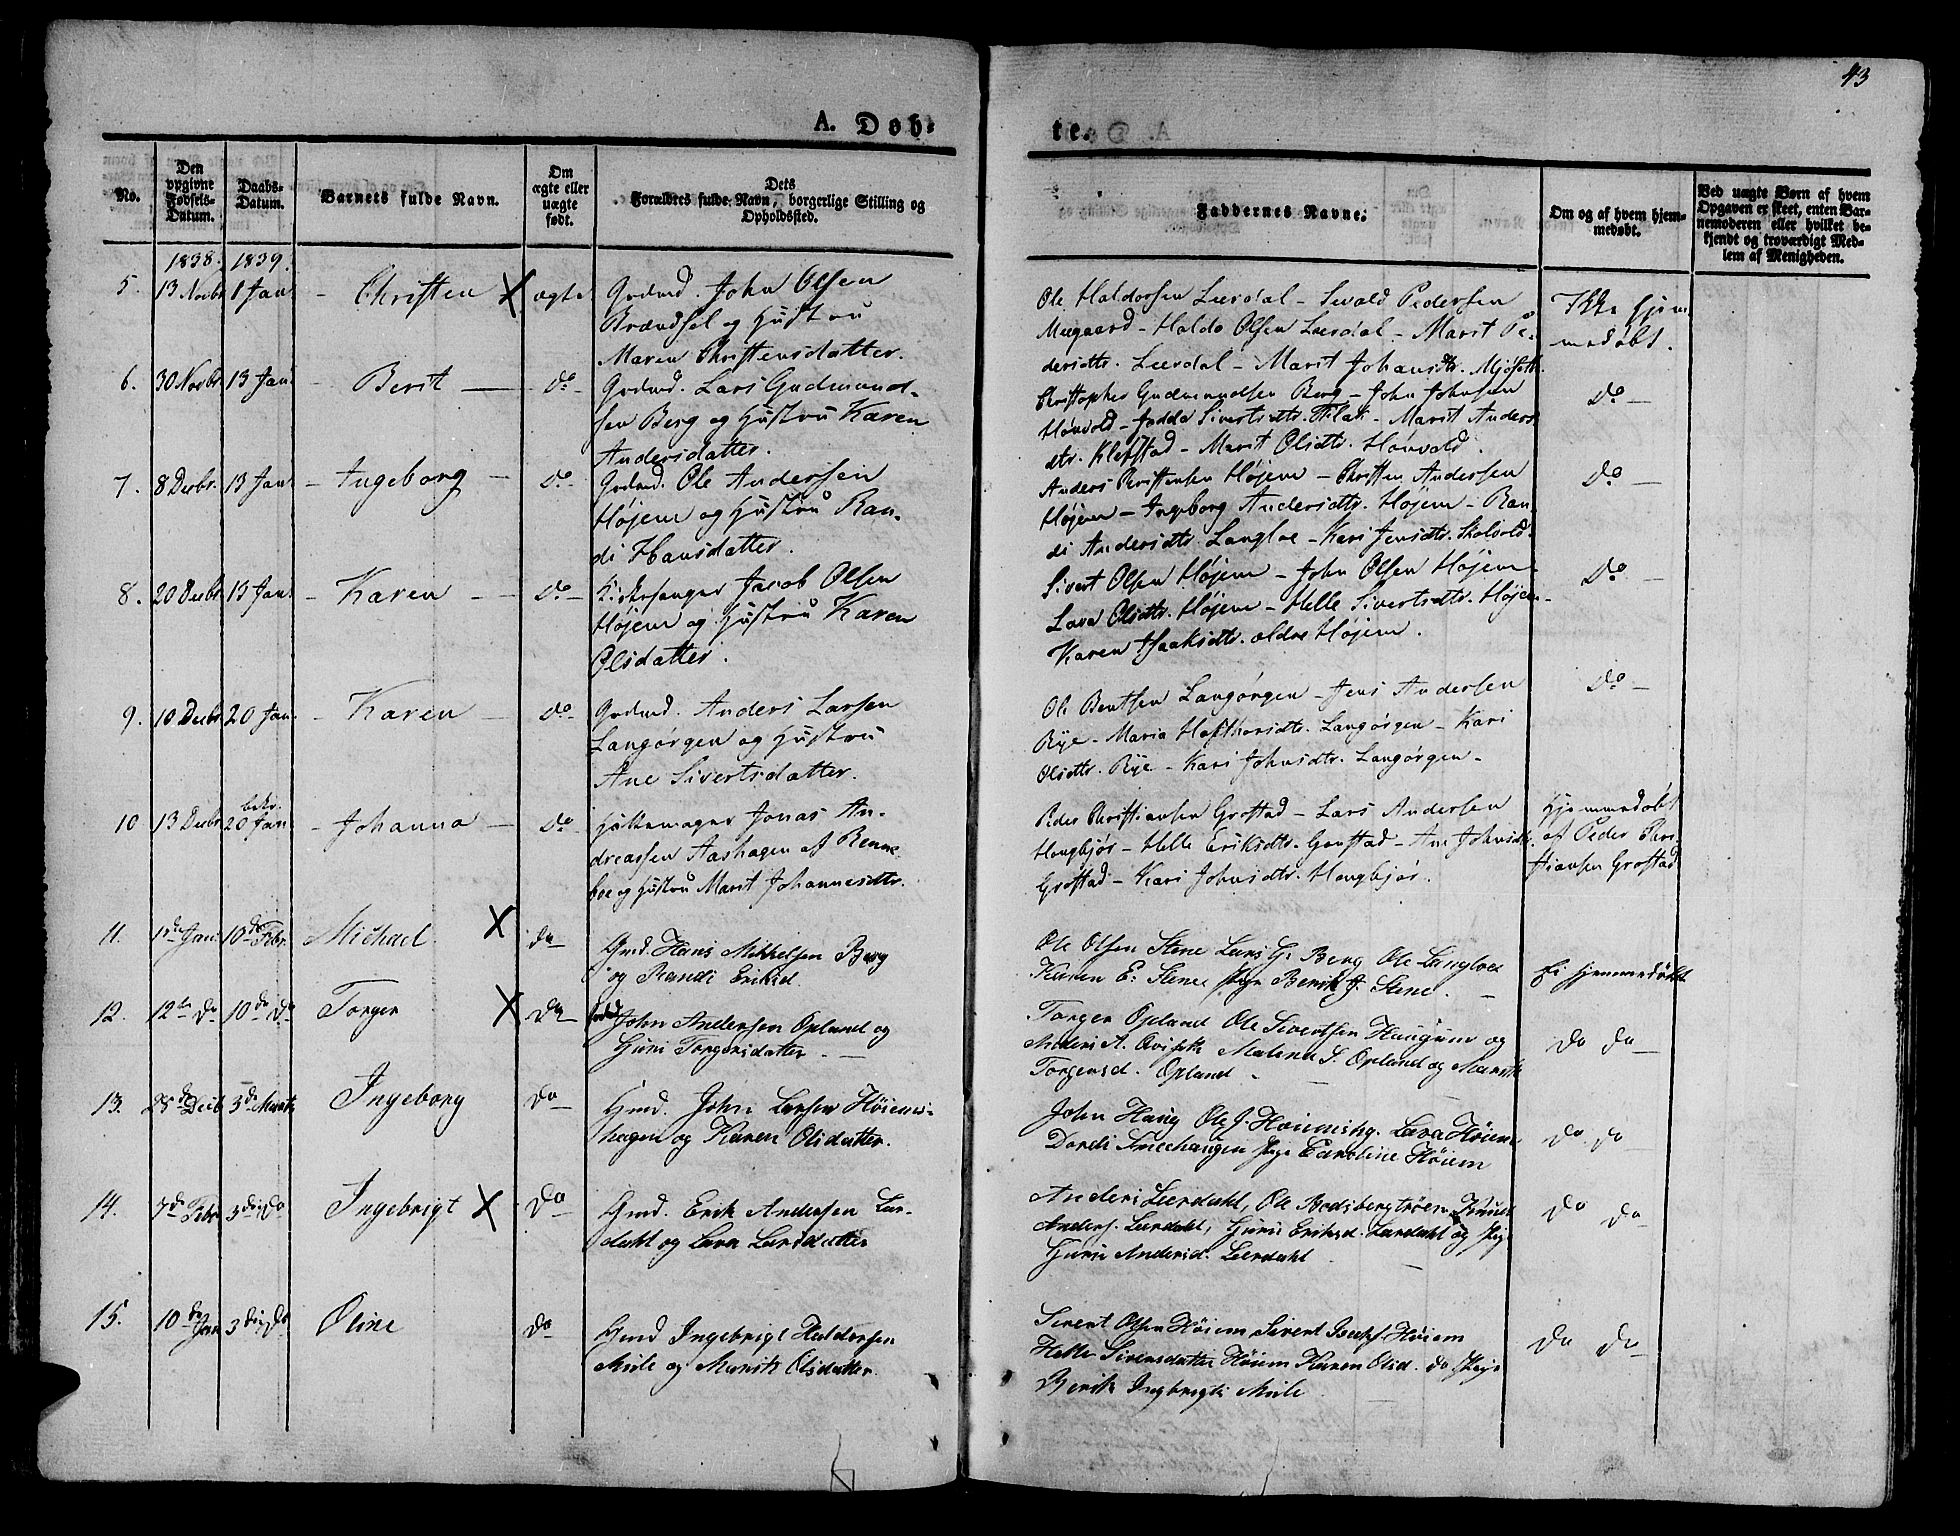 SAT, Ministerialprotokoller, klokkerbøker og fødselsregistre - Sør-Trøndelag, 612/L0374: Ministerialbok nr. 612A07 /1, 1829-1845, s. 43